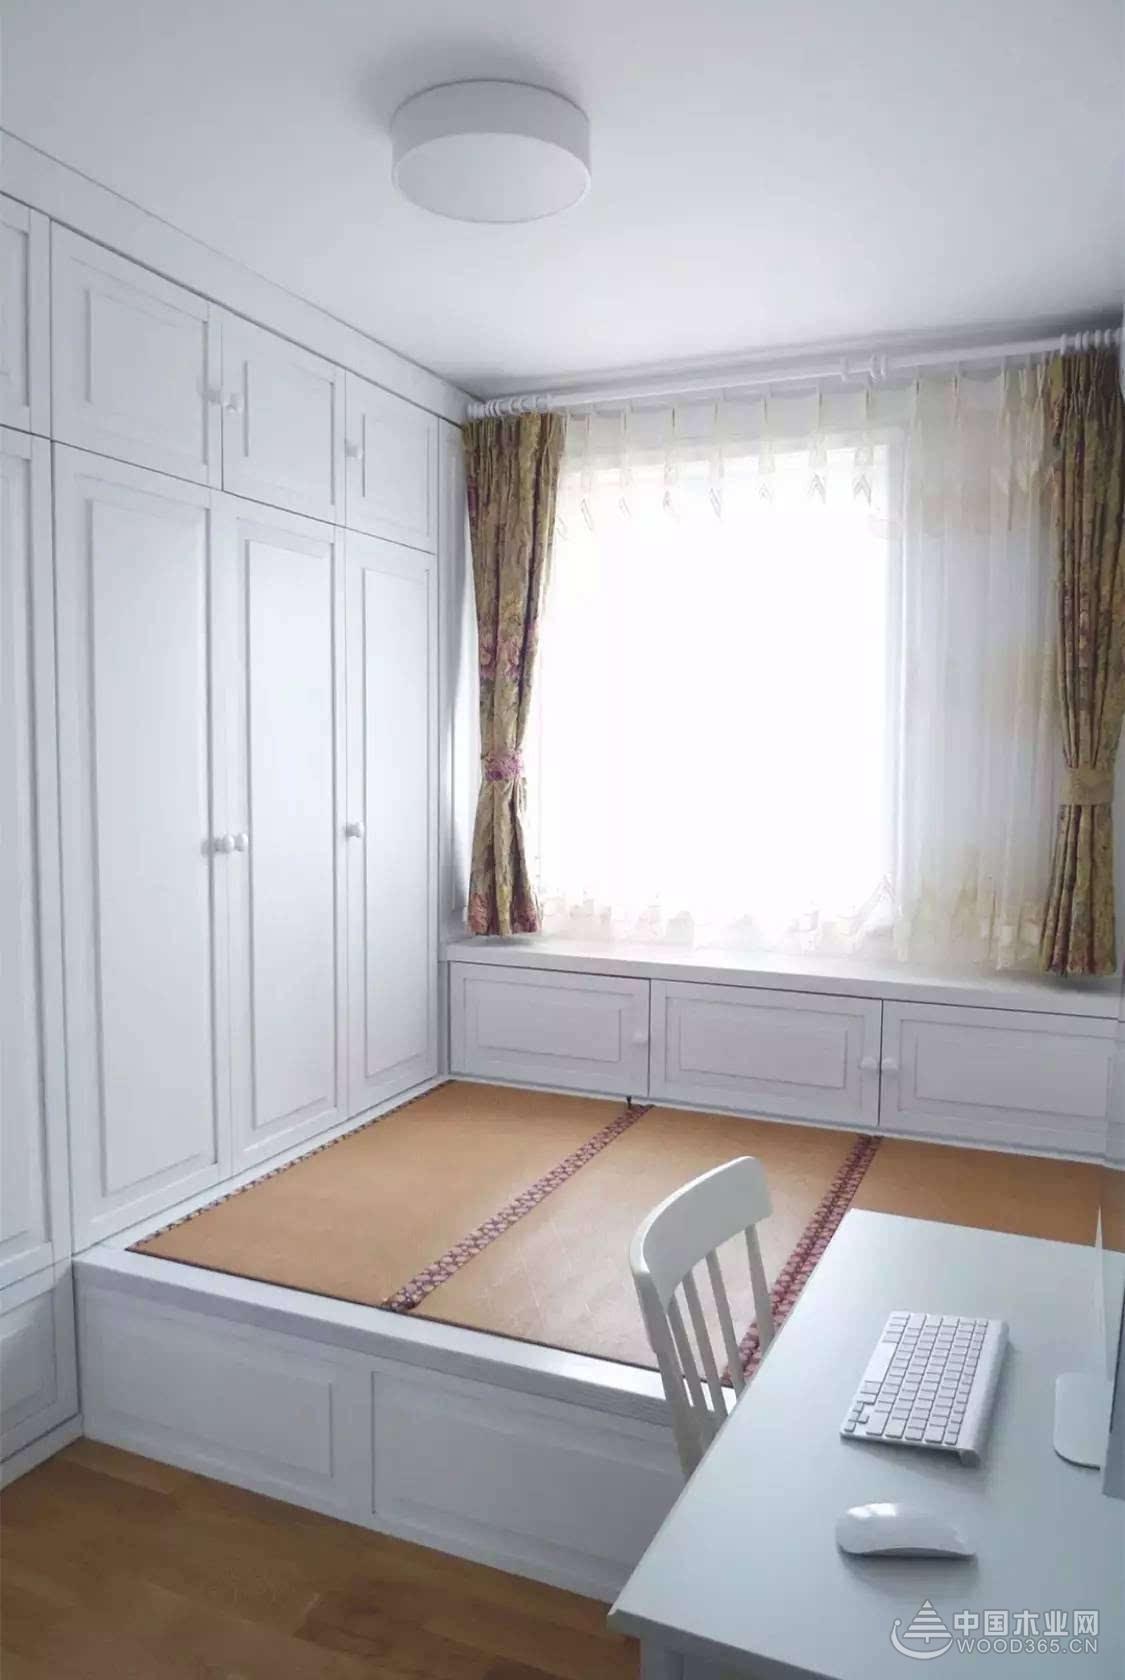 精品柜装修效果图_19个连柜榻榻米设计效果图-中国木业网